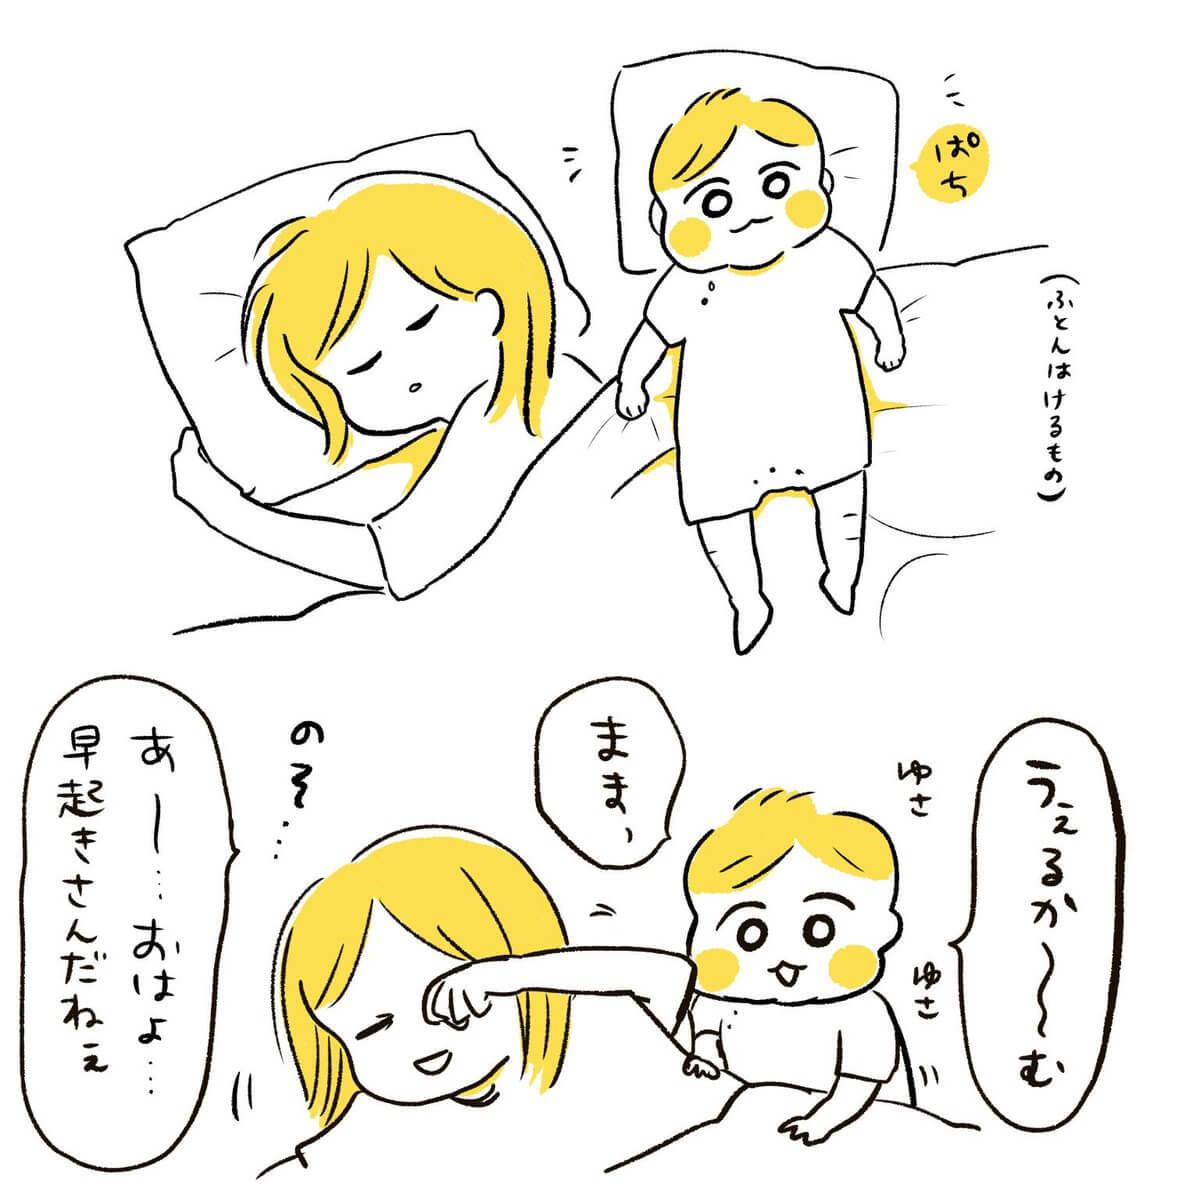 1歳4ヶ月男児との会話01